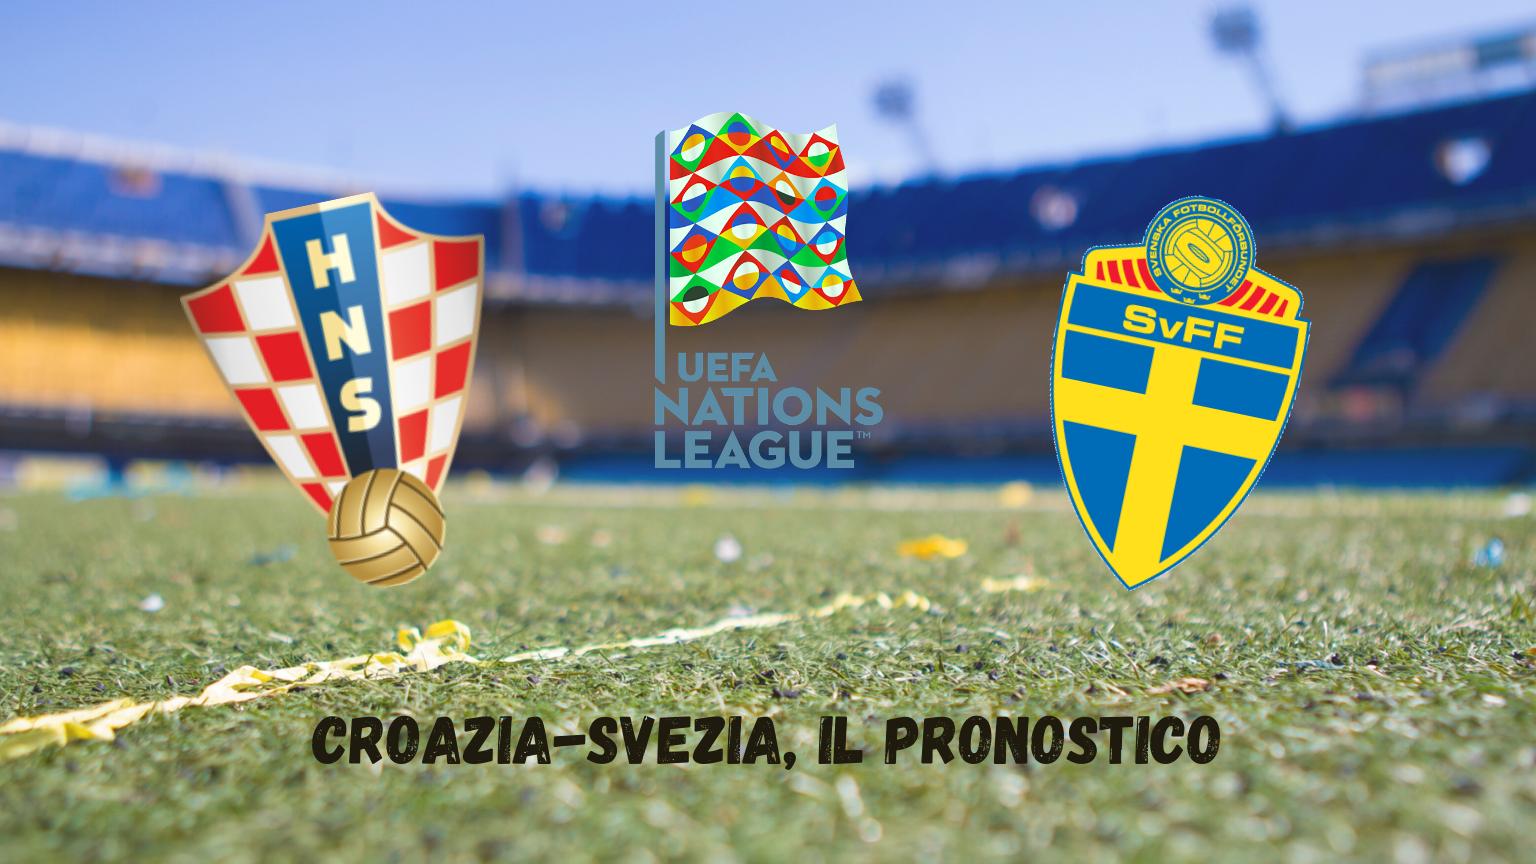 Nations League: Croazia-Svezia, il pronostico